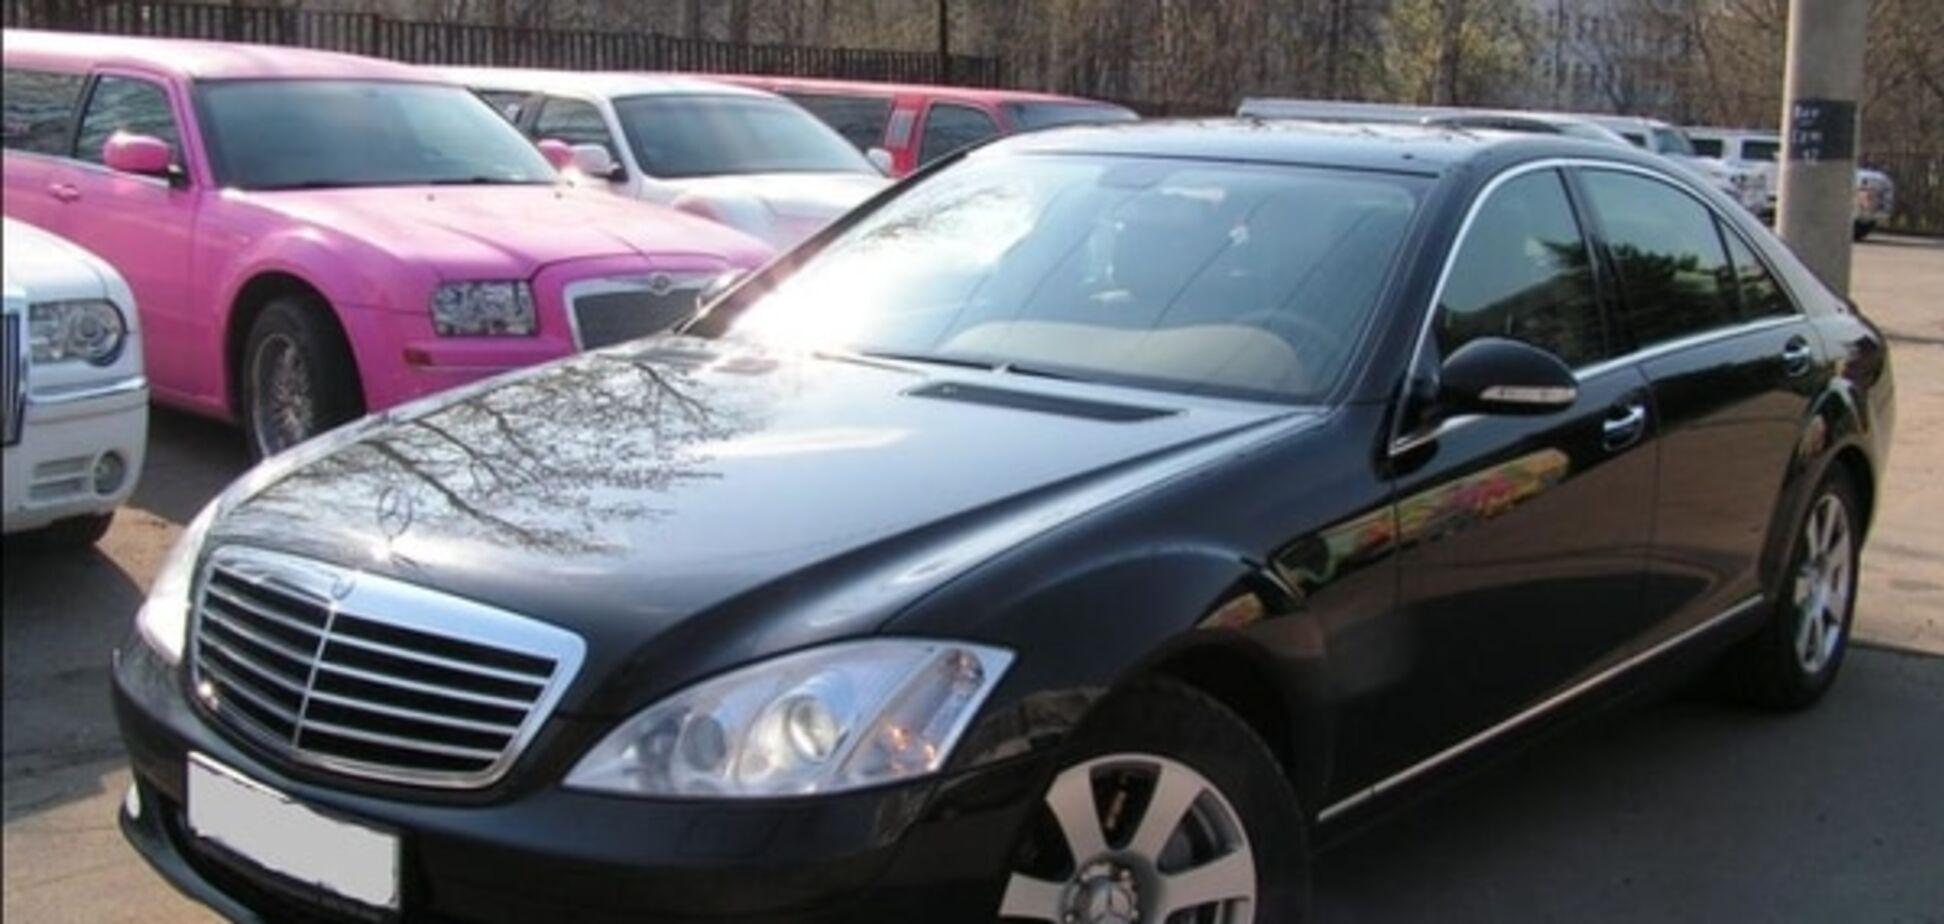 Криза настає: українці масово розпродають VIP-автомобілі